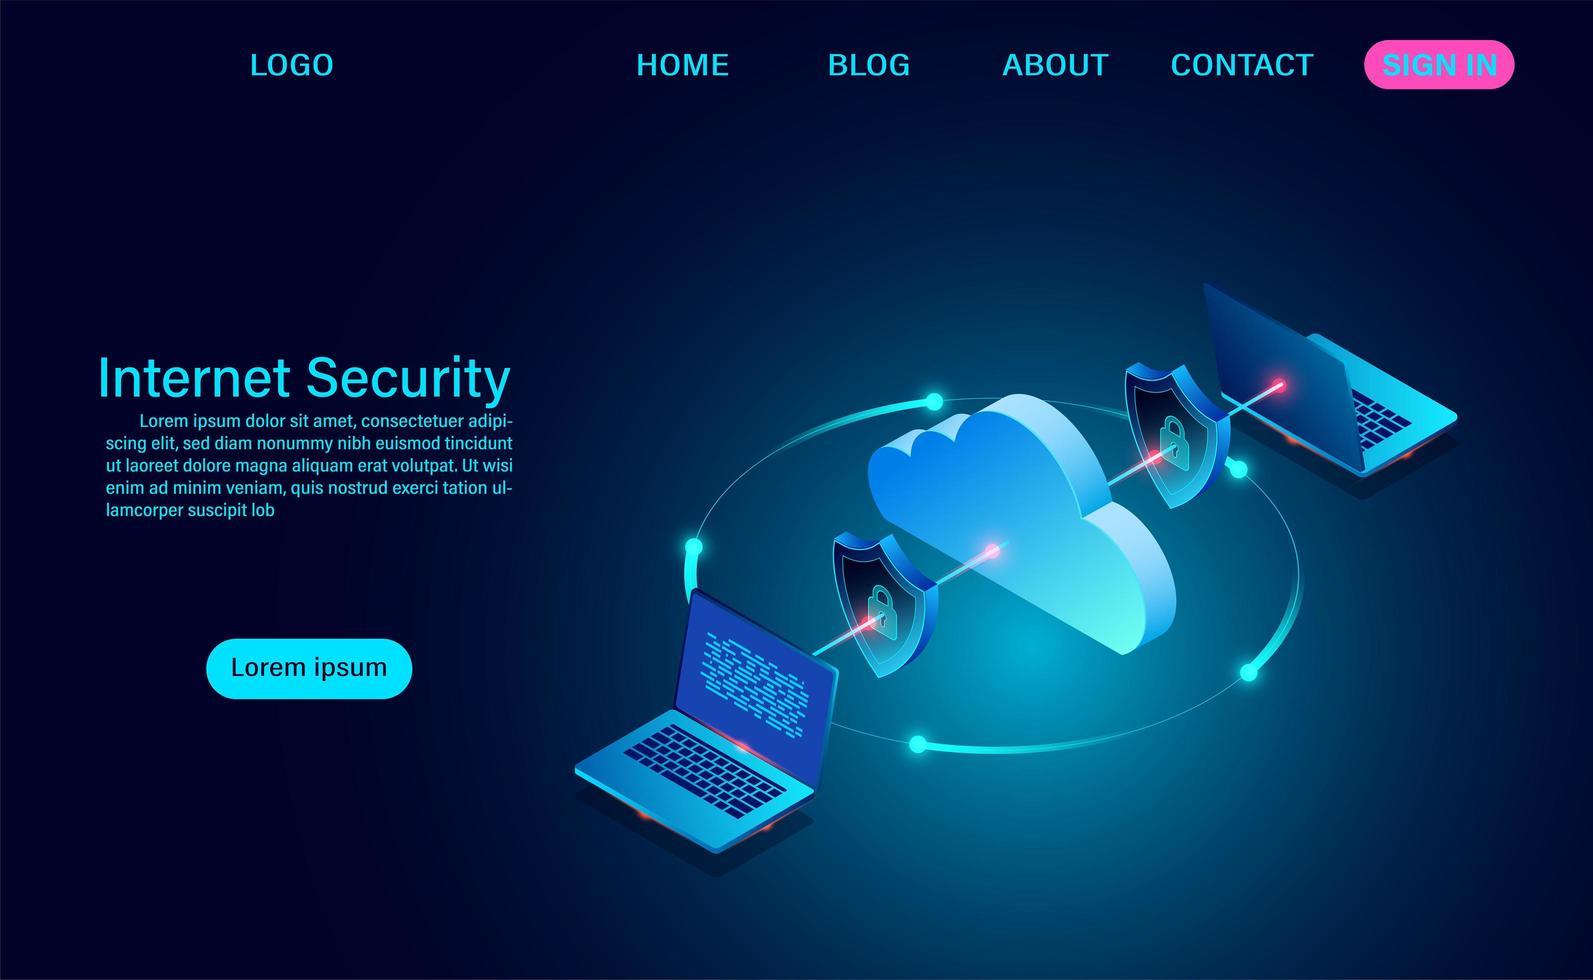 internetbeveiliging met gegevensoverdracht vector